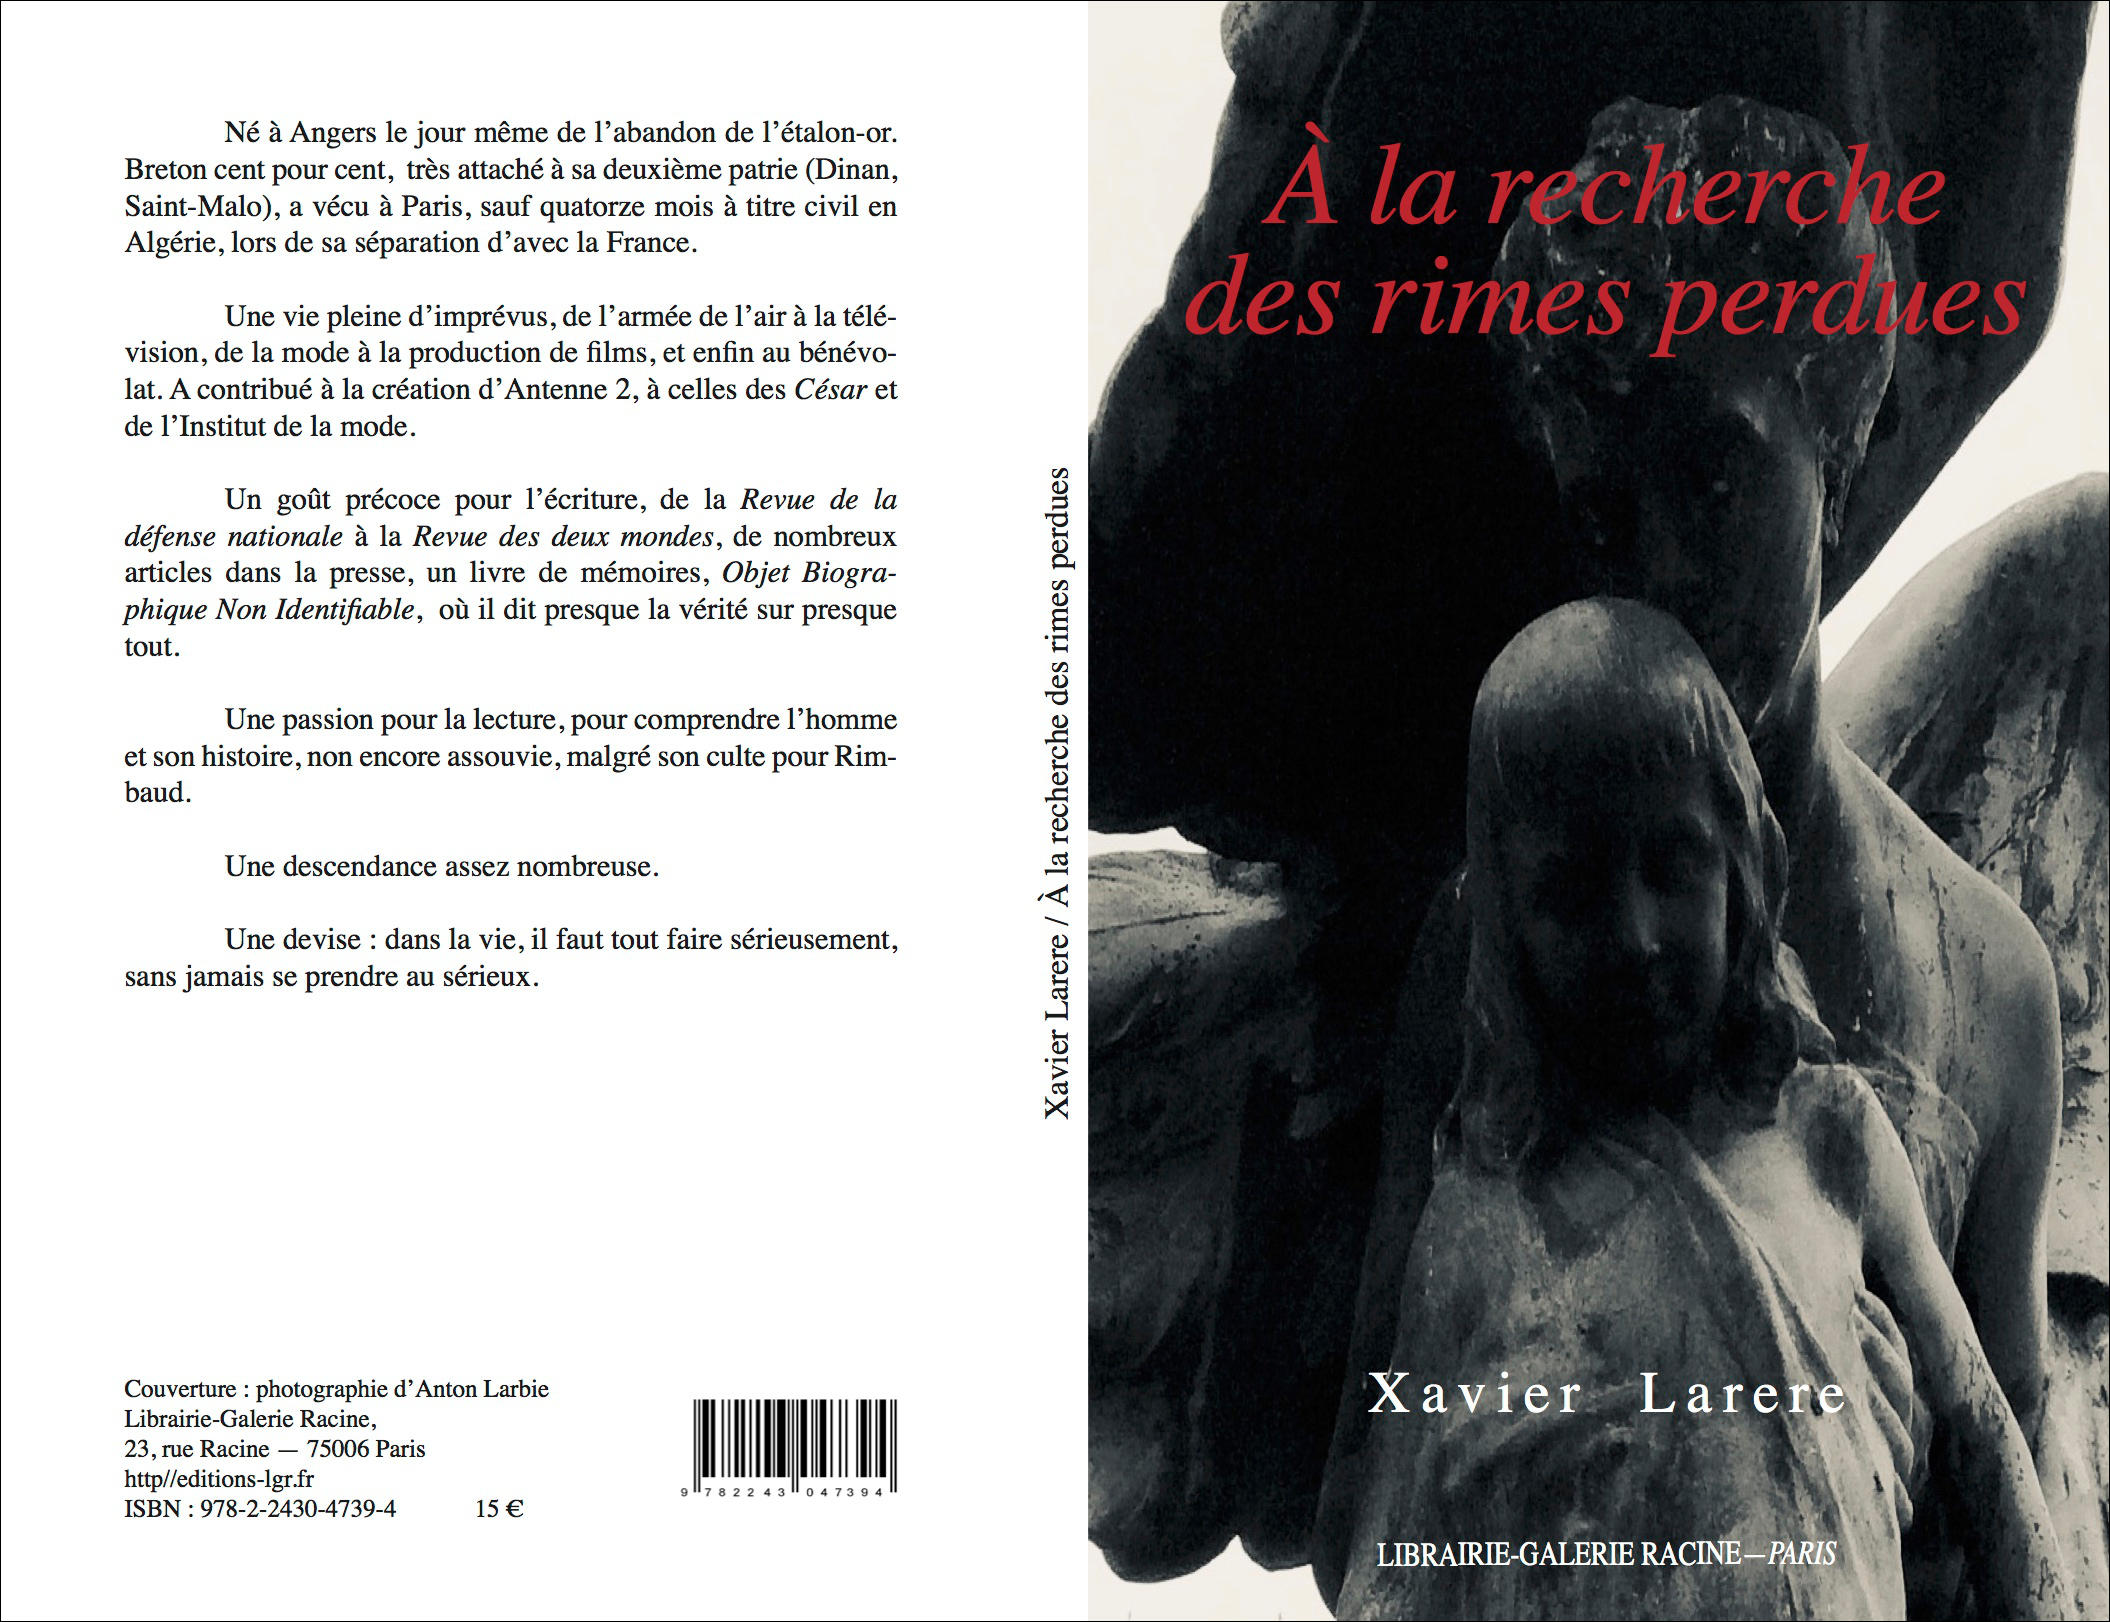 Xavier LARERE - A la recherche des rimes perdues